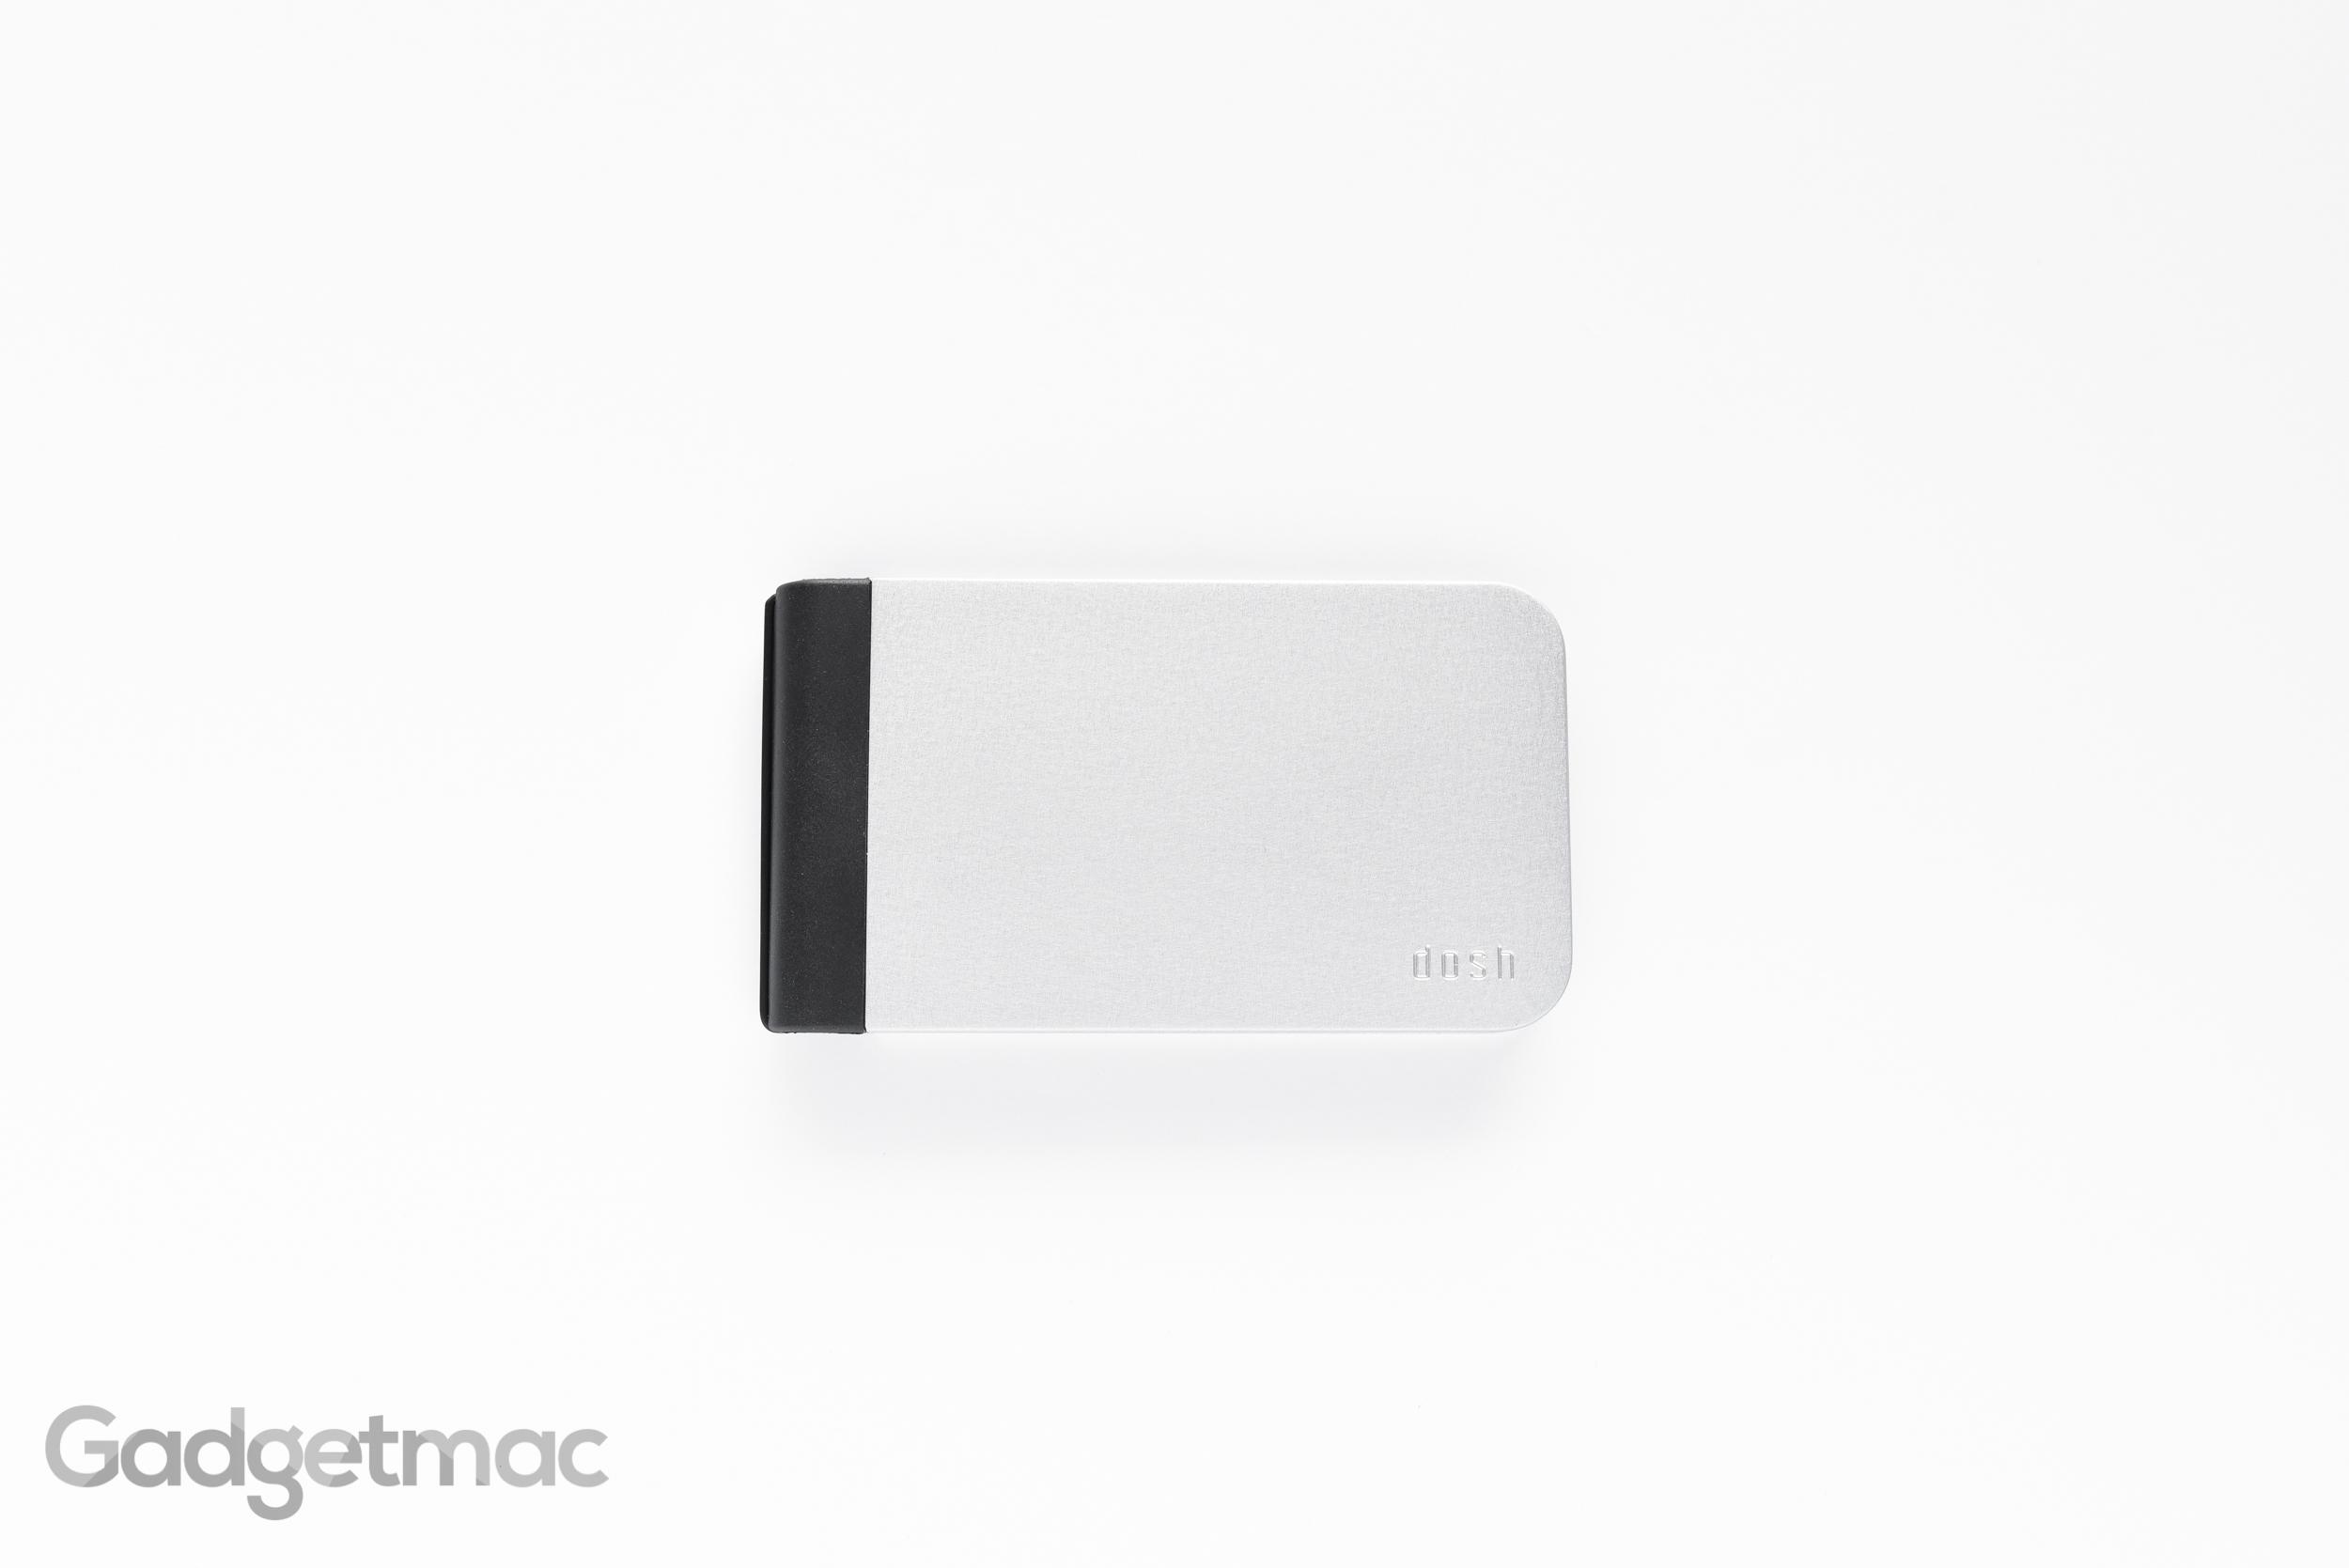 dosh_alloy_aluminum_wallet_hero.jpg